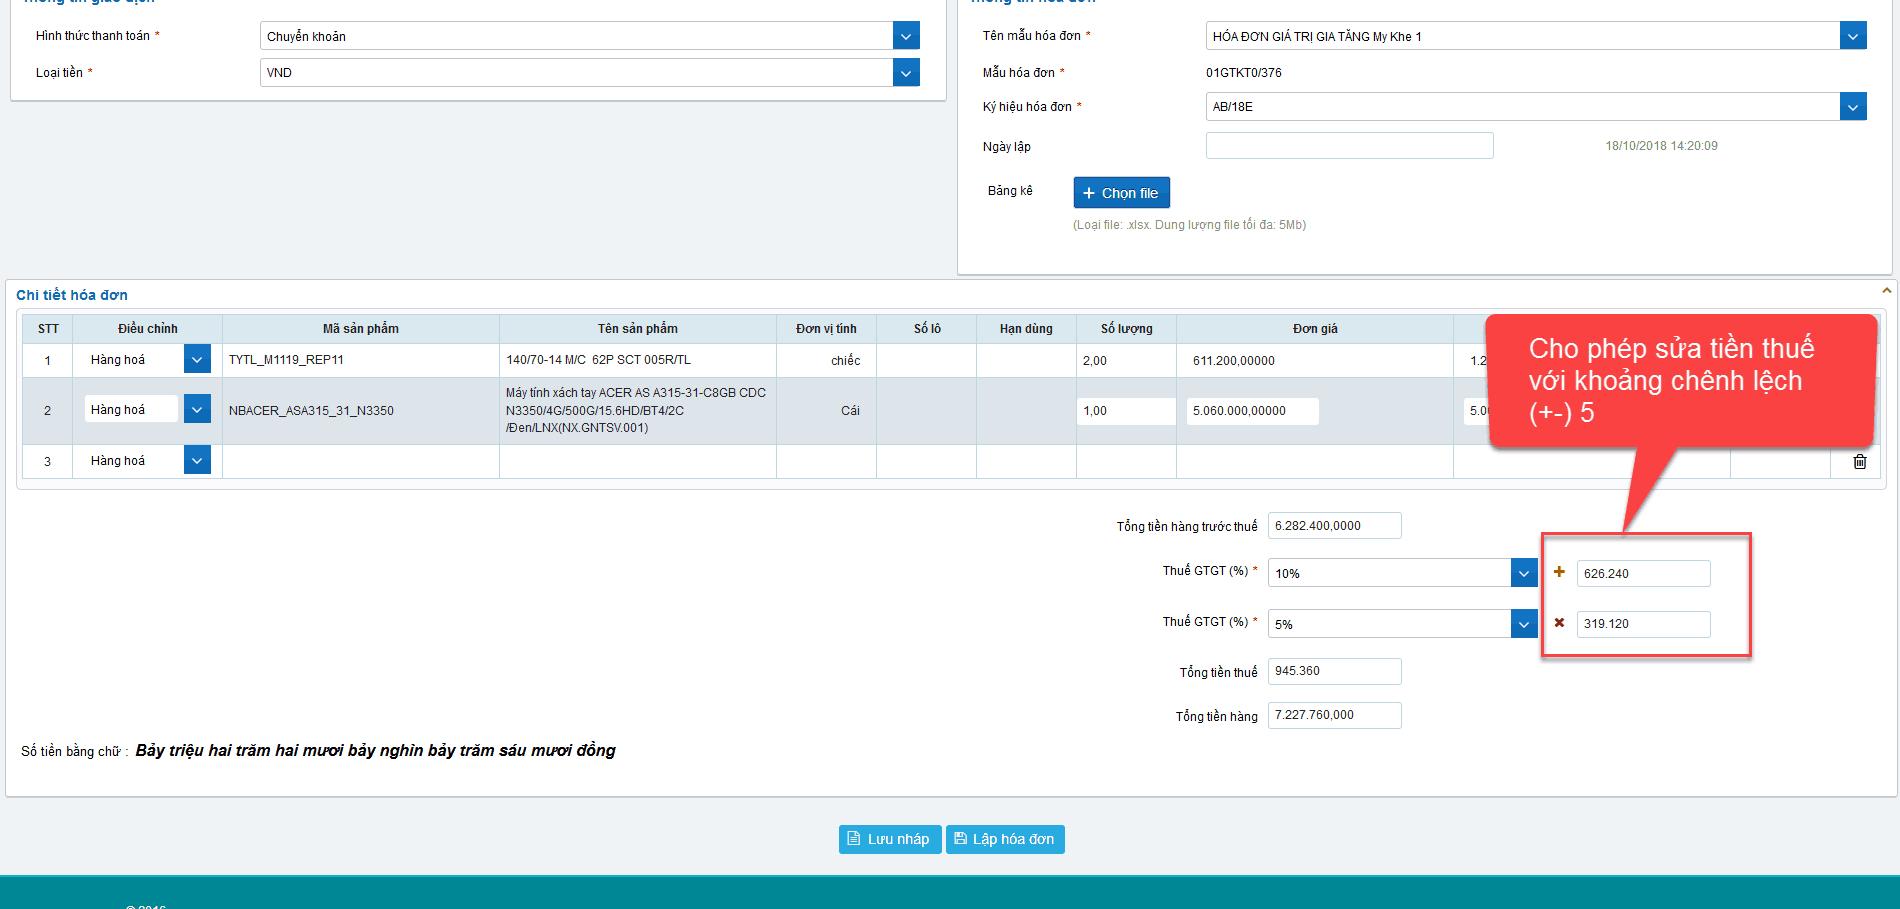 Cách lập hóa đơn điện tử trên hệ thống S-Invoice như thế nào? 20